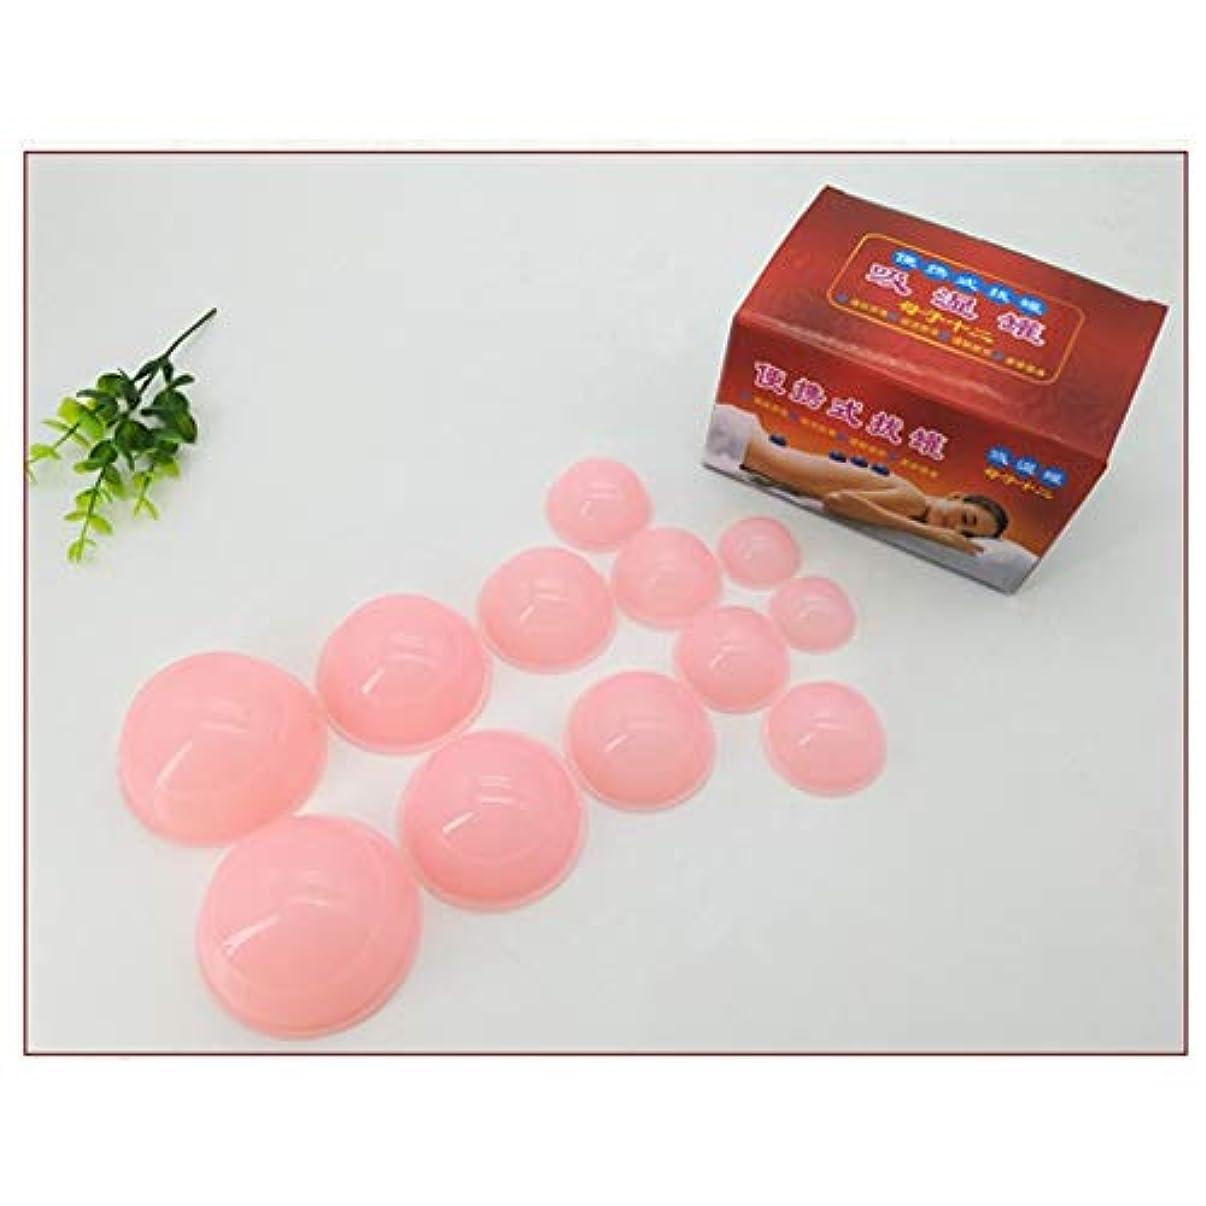 アンチセルライトカップ - 真空マッサージキット - シリコーン療法カッピングセット用ボディフェイスホームスパヘルスケア12ピース,Pink